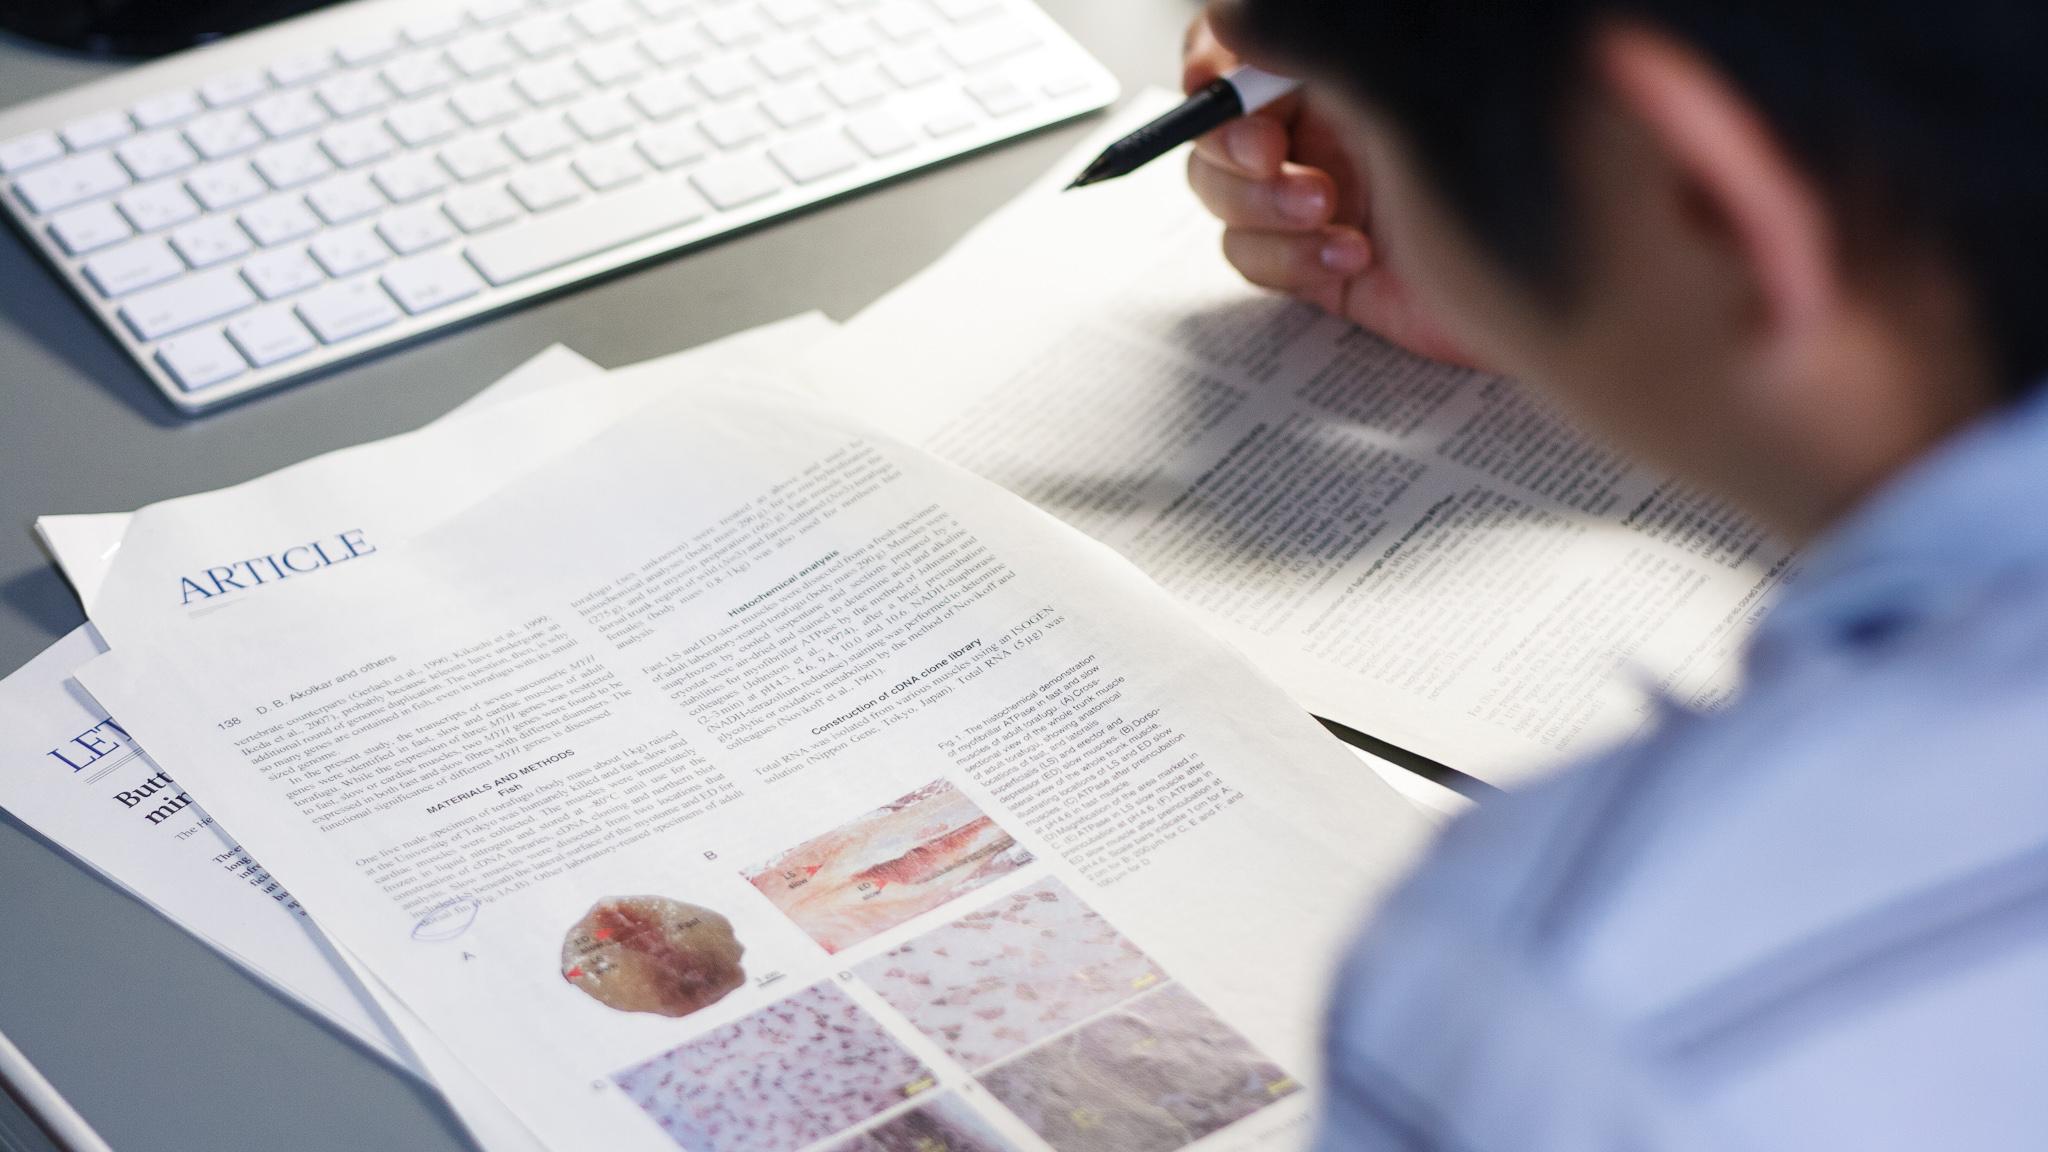 水圏生物工学研究室 - 東京大学大学院農学生命科学研究科